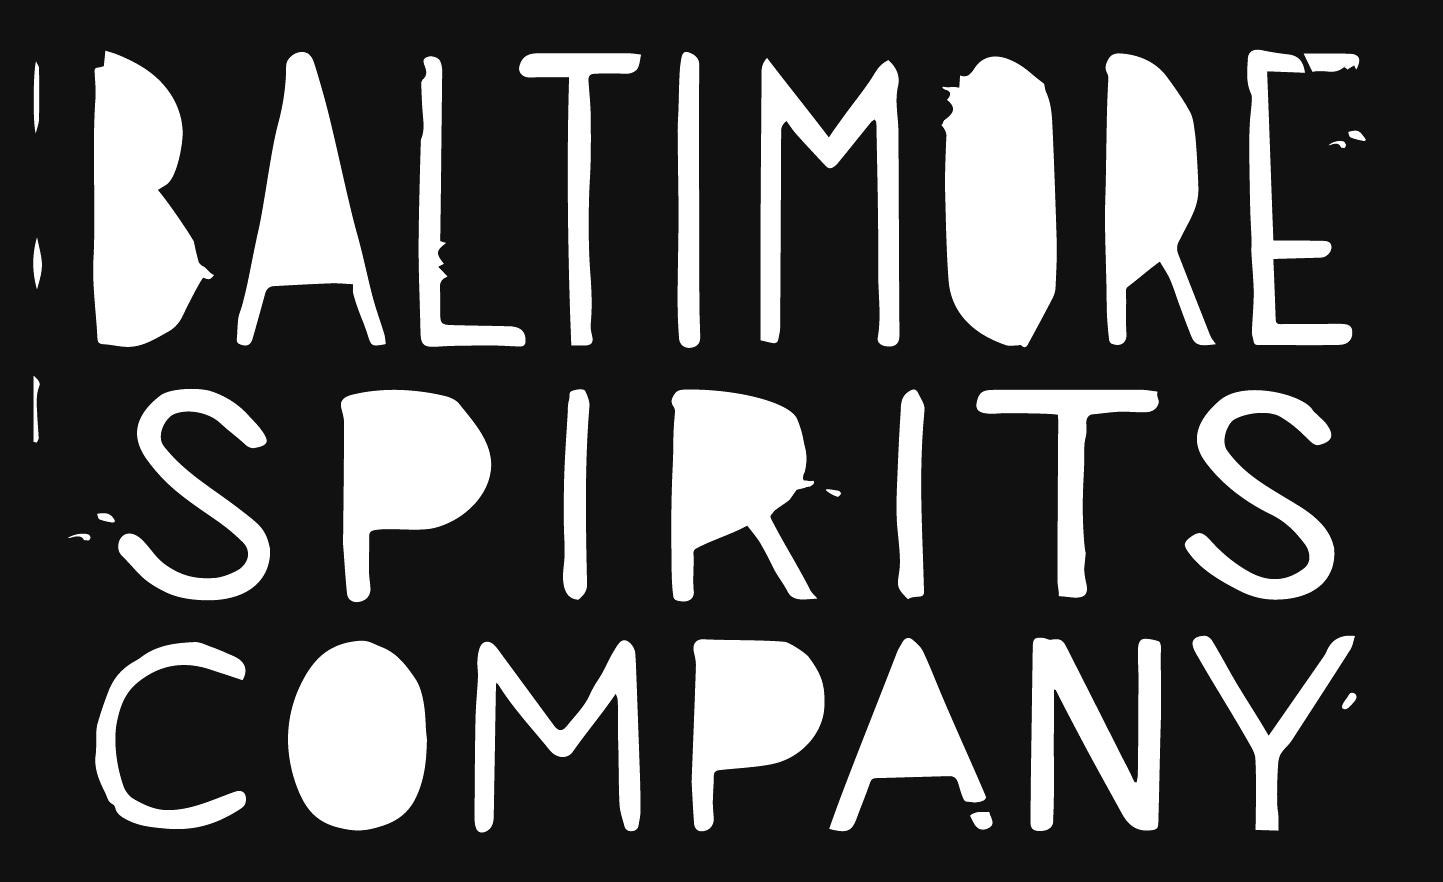 BaltimoreSpiritsCompany_Logo_Text